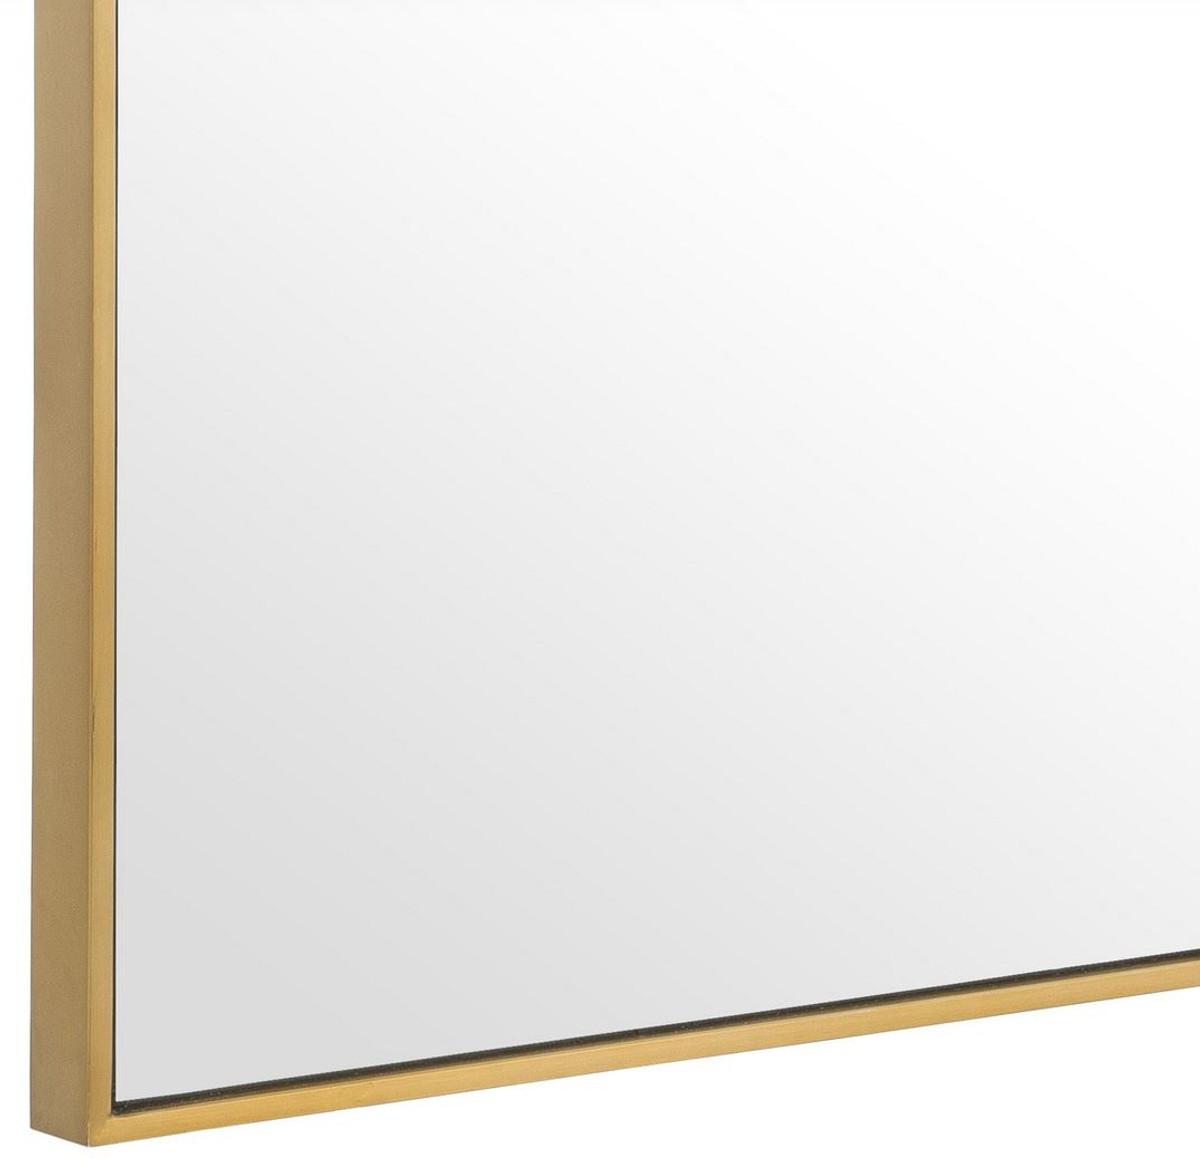 Guardaroba H 180.Casa Padrino Specchio Specchio A Parete Di Lusso Ottone 180 X H 140 Cm Specchio Per Guardaroba Specchio Per Soggiorno Qualita Di Lusso